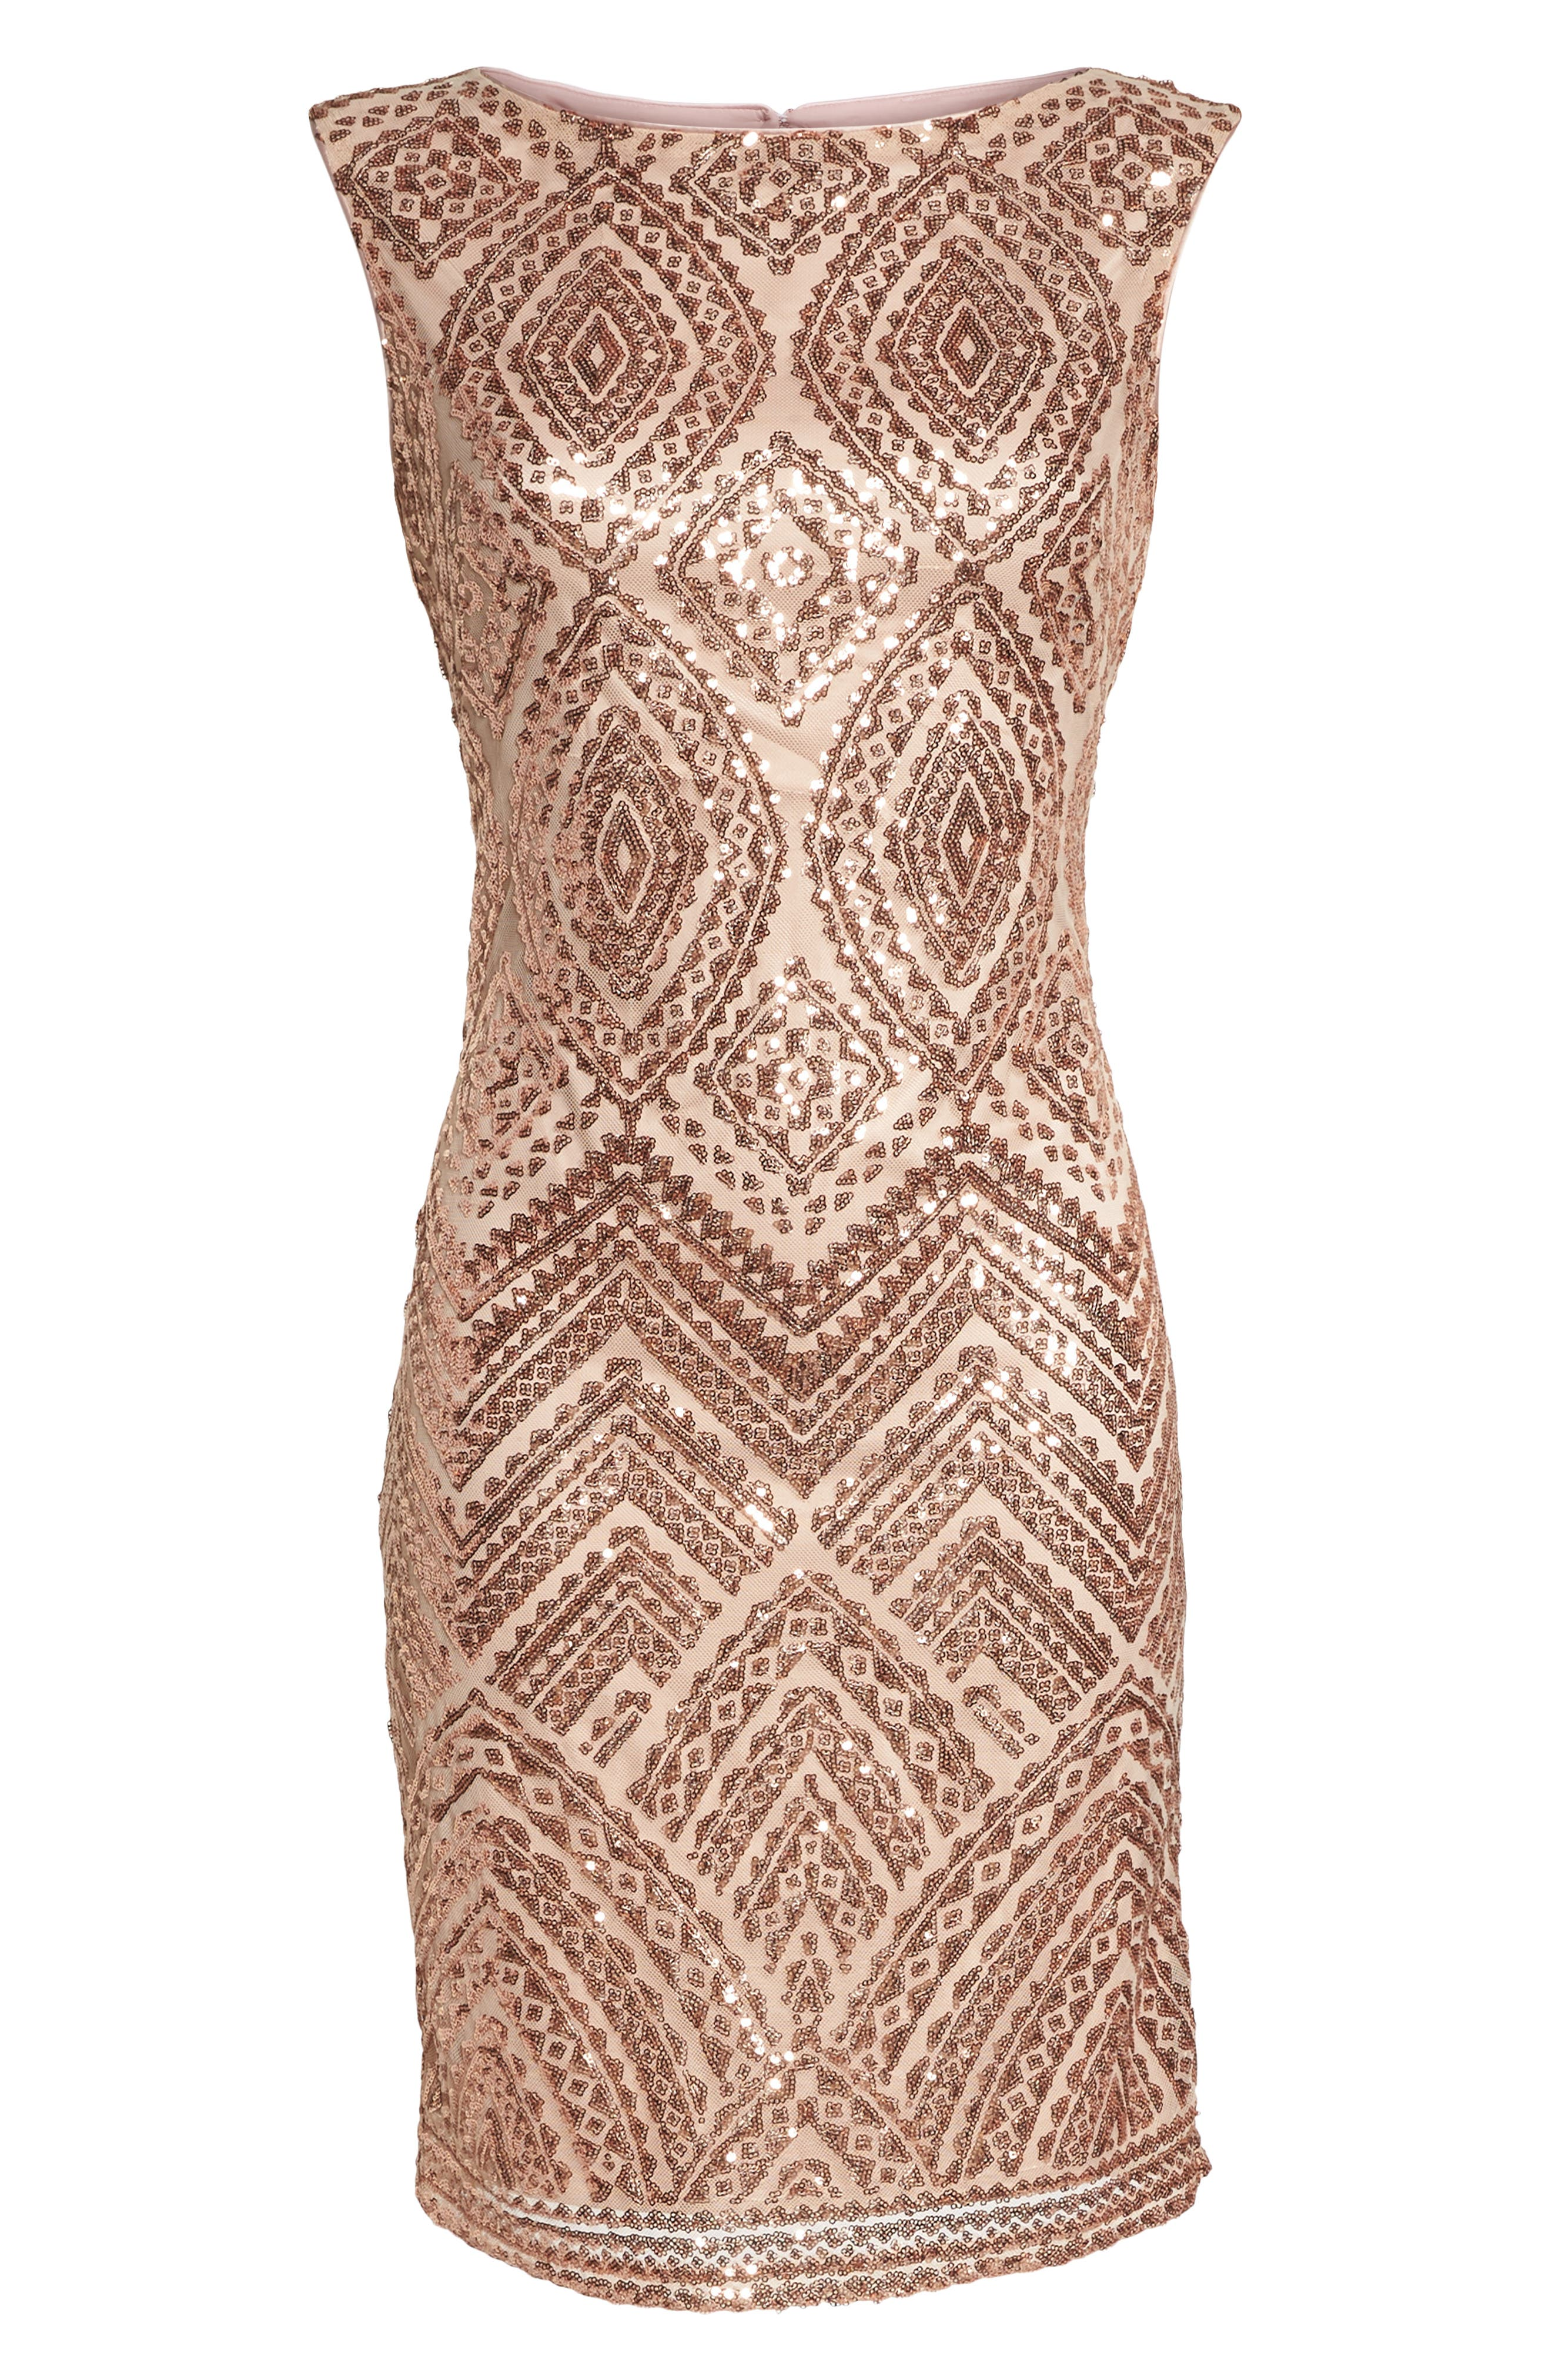 Sequin Embellished Cocktail Dress,                             Alternate thumbnail 7, color,                             Blush